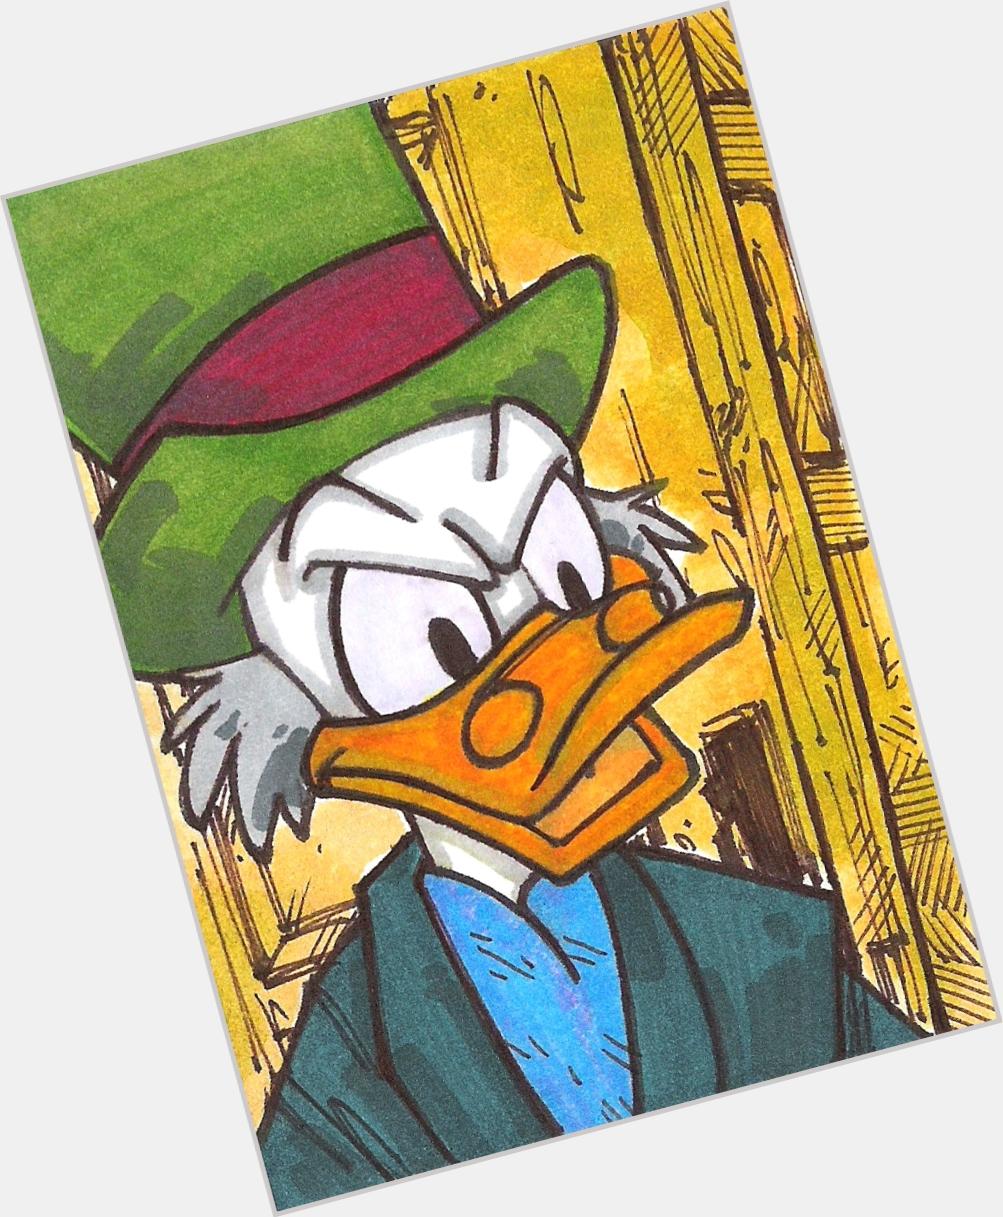 Scrooge Mcduck hairstyle 7.jpg